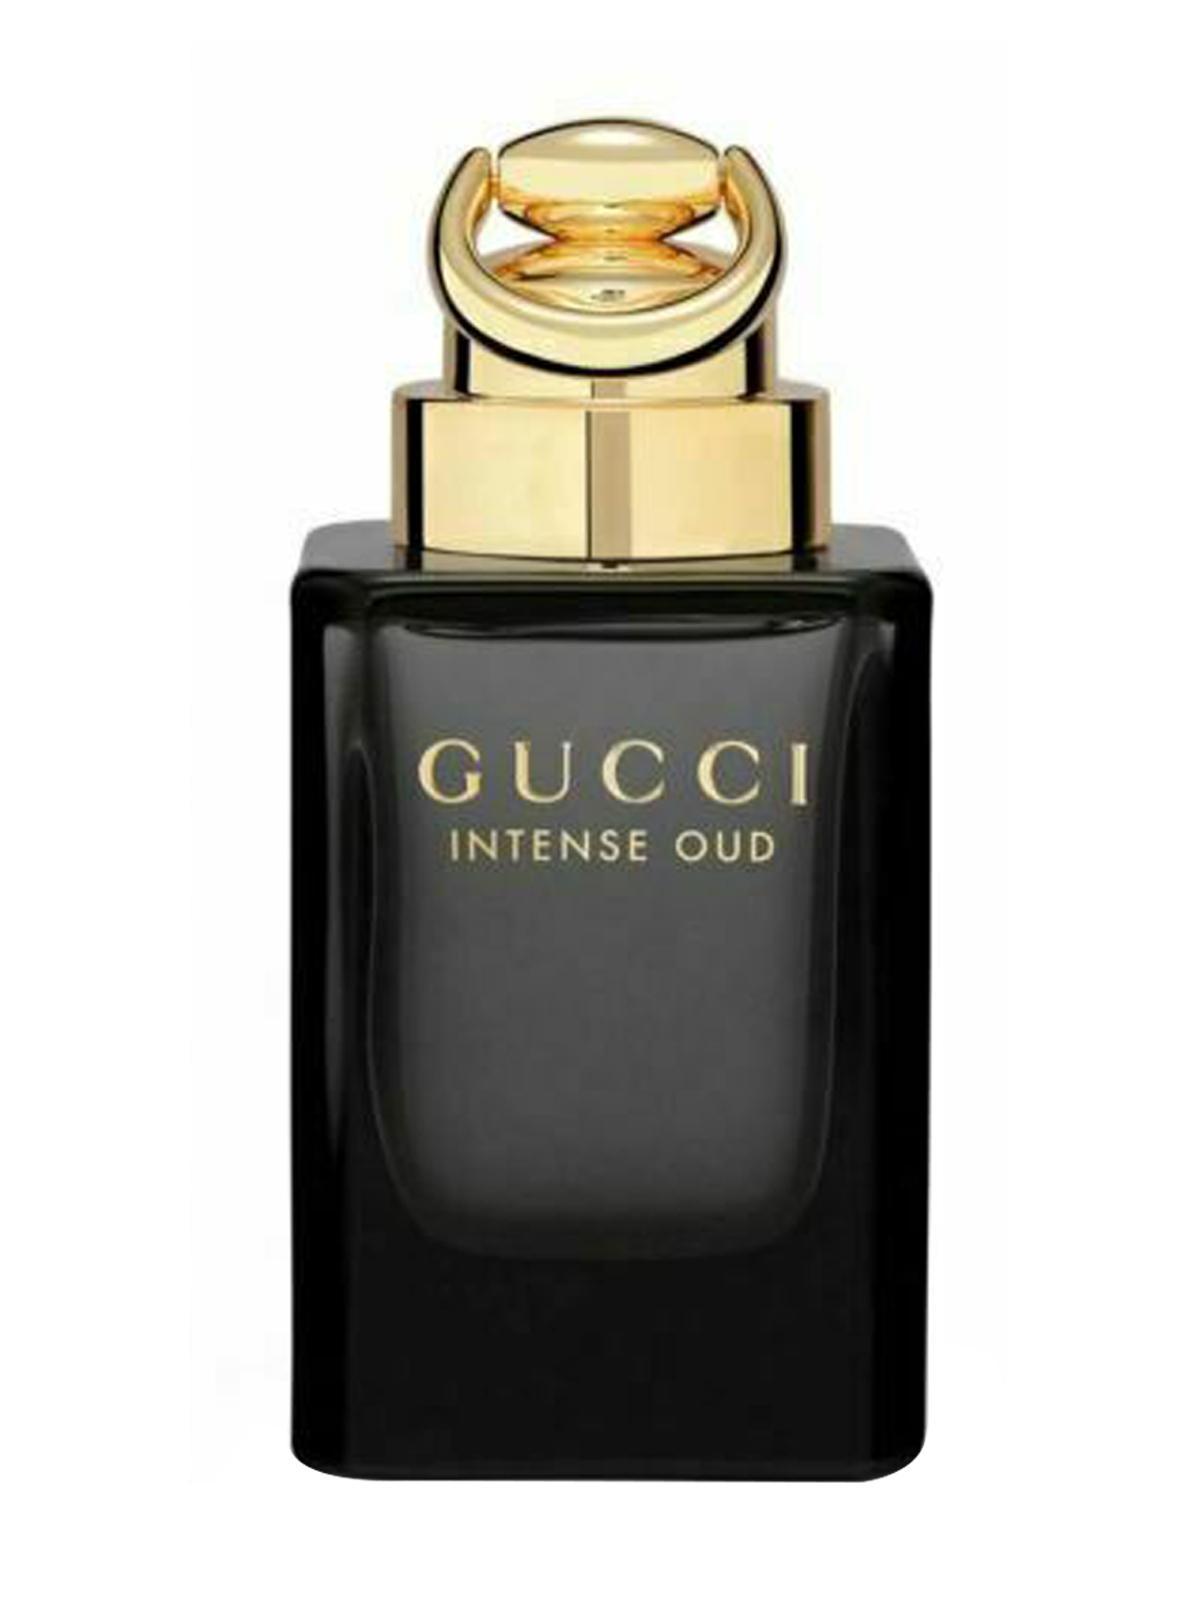 Gucci Intense Oud For Unisex Eau De Parfum 90ML